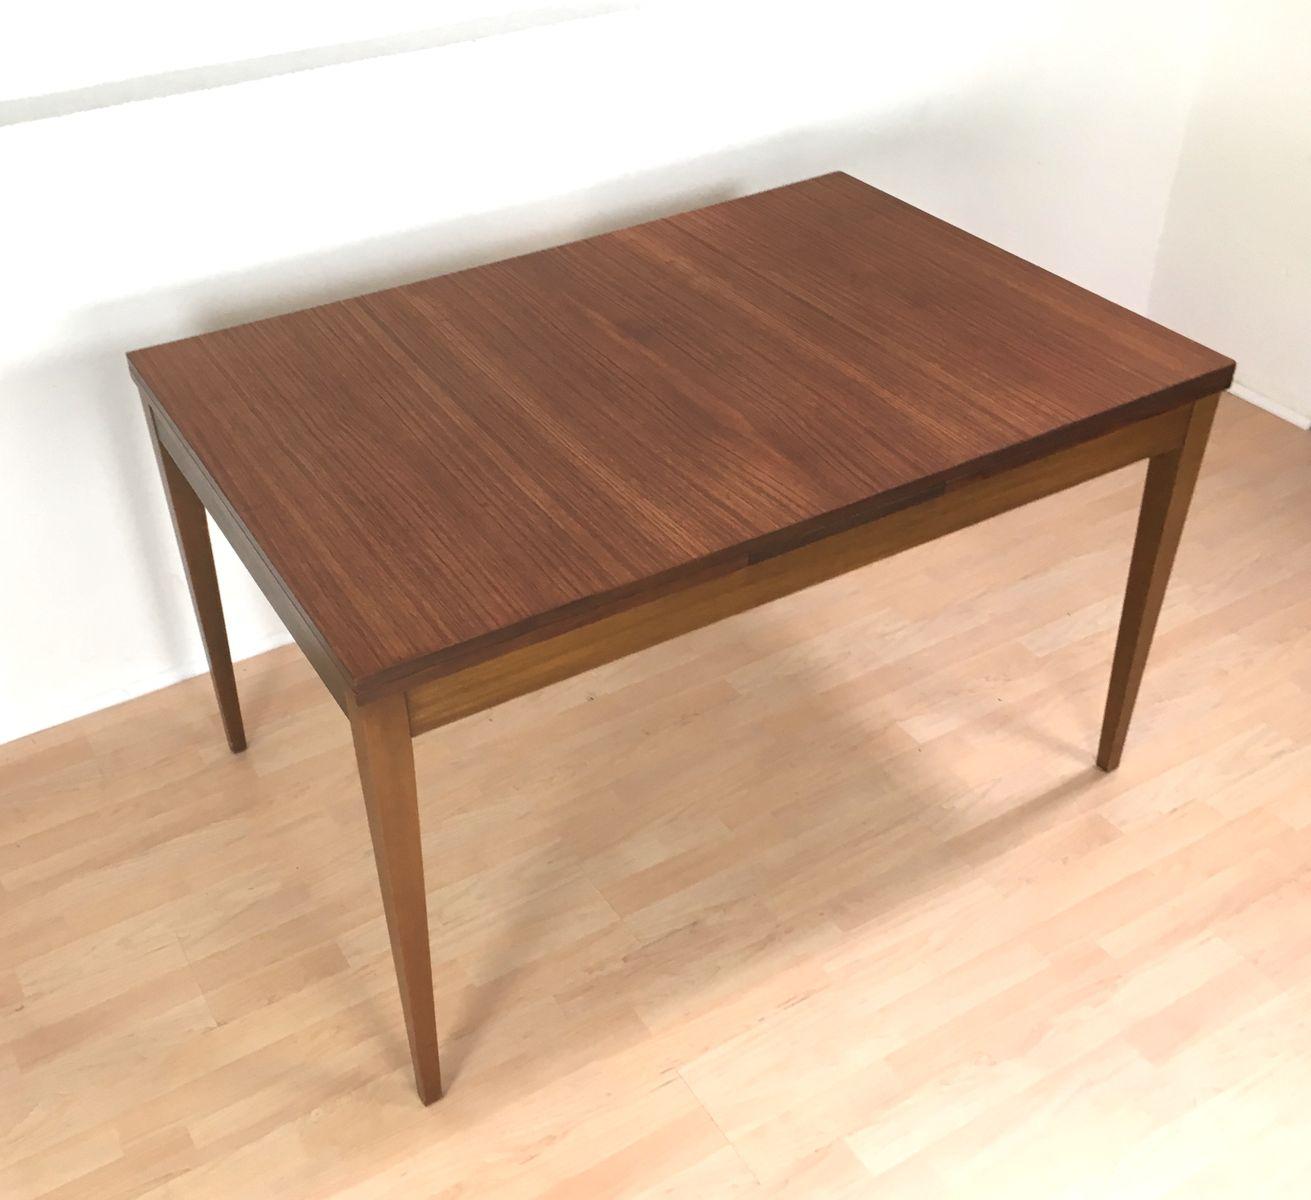 ausziehbarer mid century esstisch von l bke 1960er bei pamono kaufen. Black Bedroom Furniture Sets. Home Design Ideas